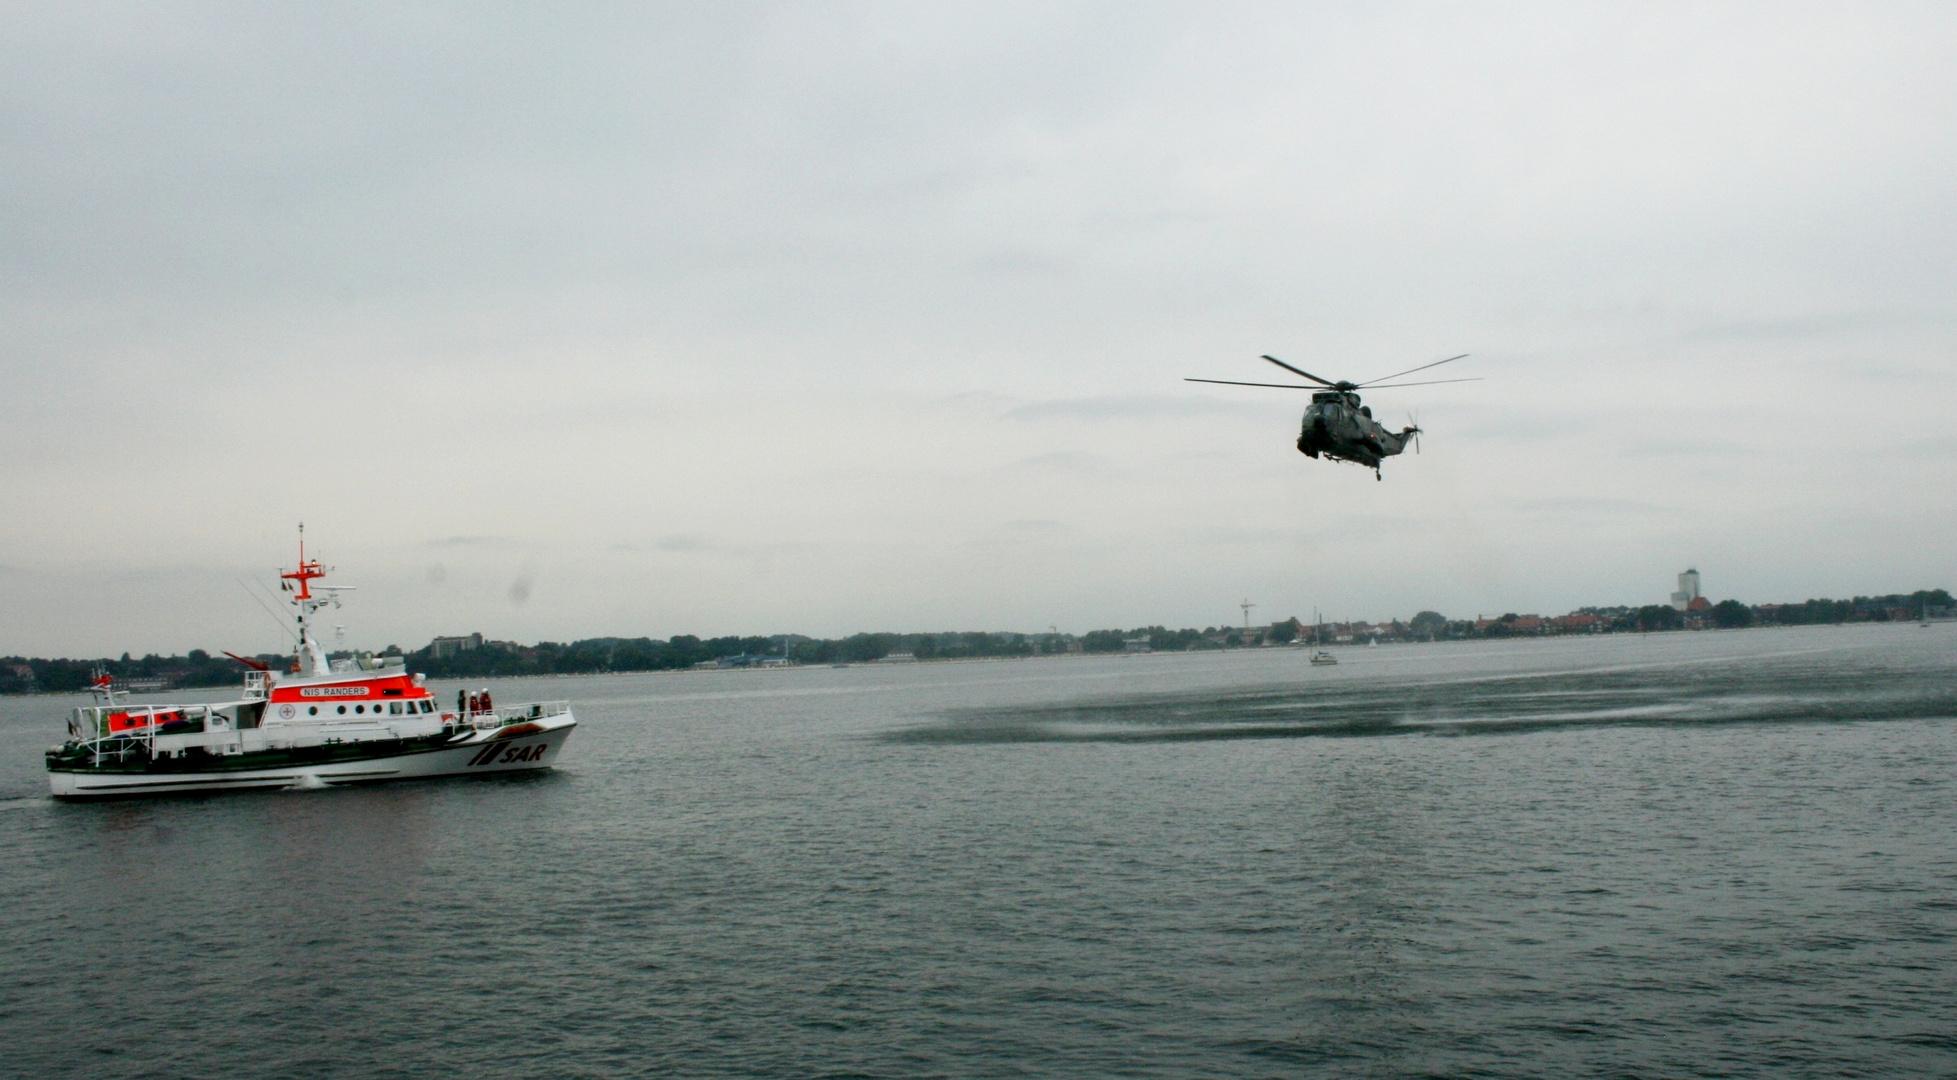 Seaking MK41 mit einem Seenotrettungskreuzer